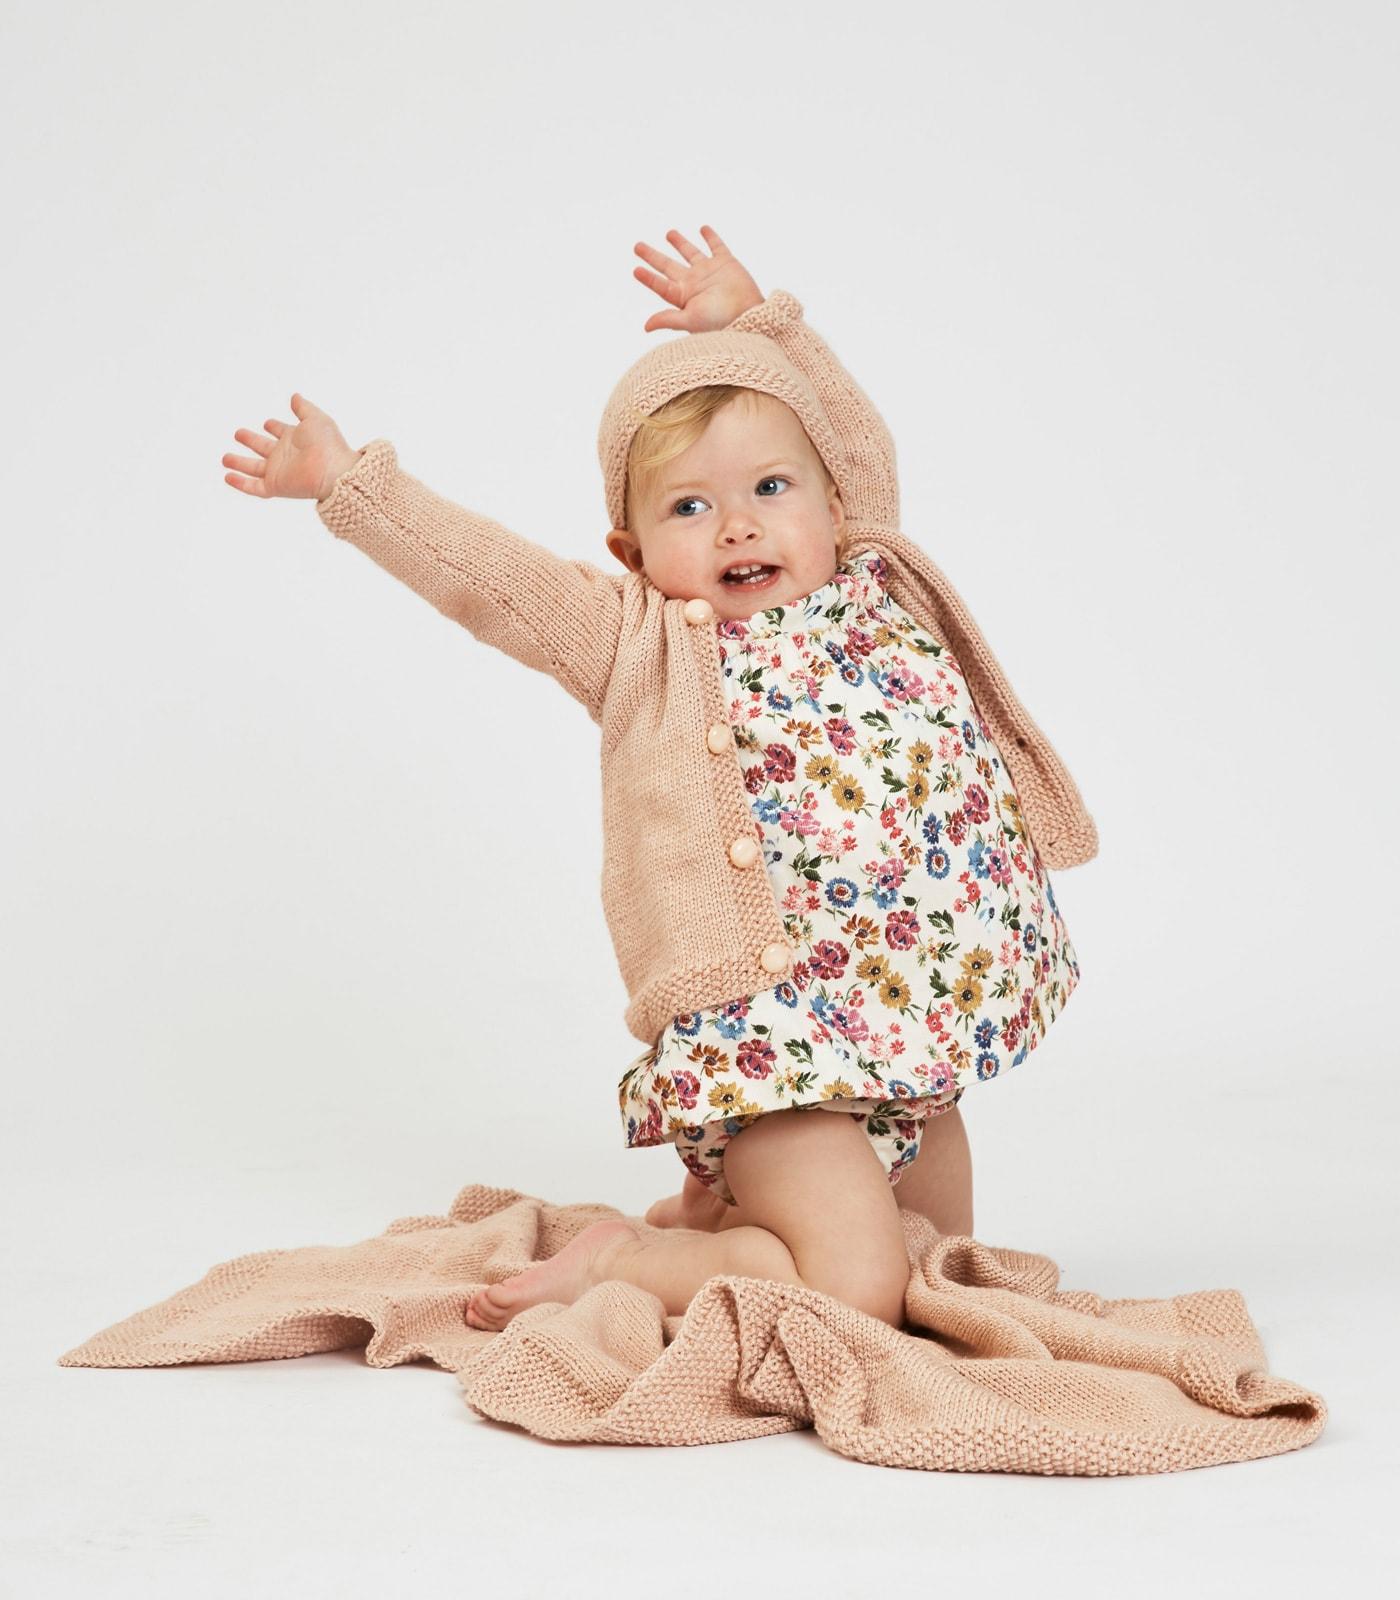 Durchhalten und Schönes schaffen: Babyoutfit mit Babydecke, Babymütze und Babyjacke in einem Look stricken // HIMBEER